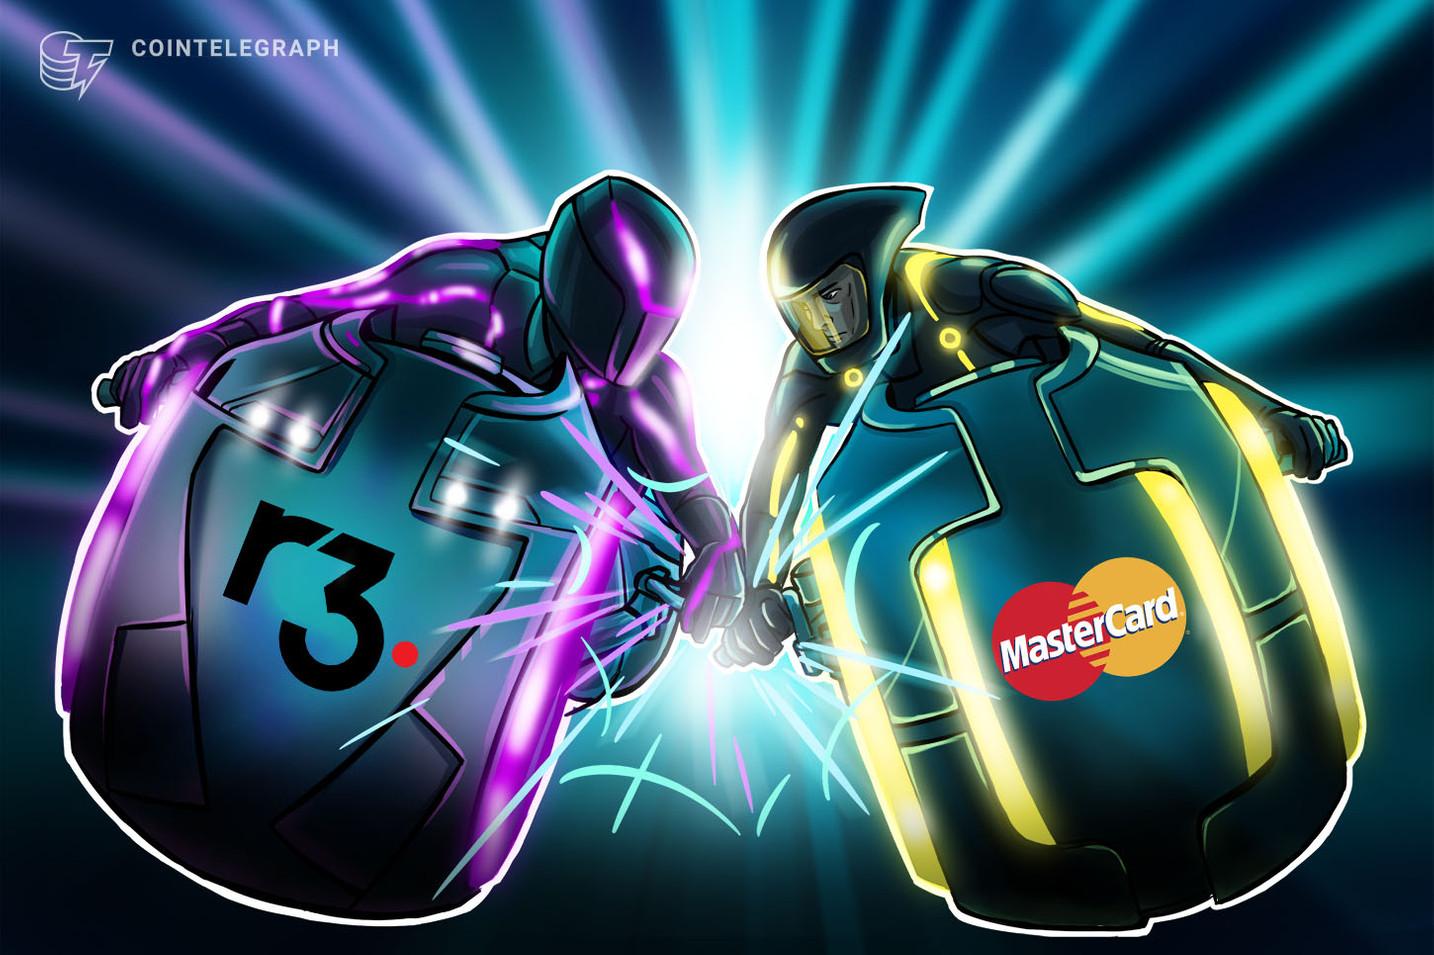 Mastercard faz parceria com a empresa blockchain R3 para solução de pagamentos